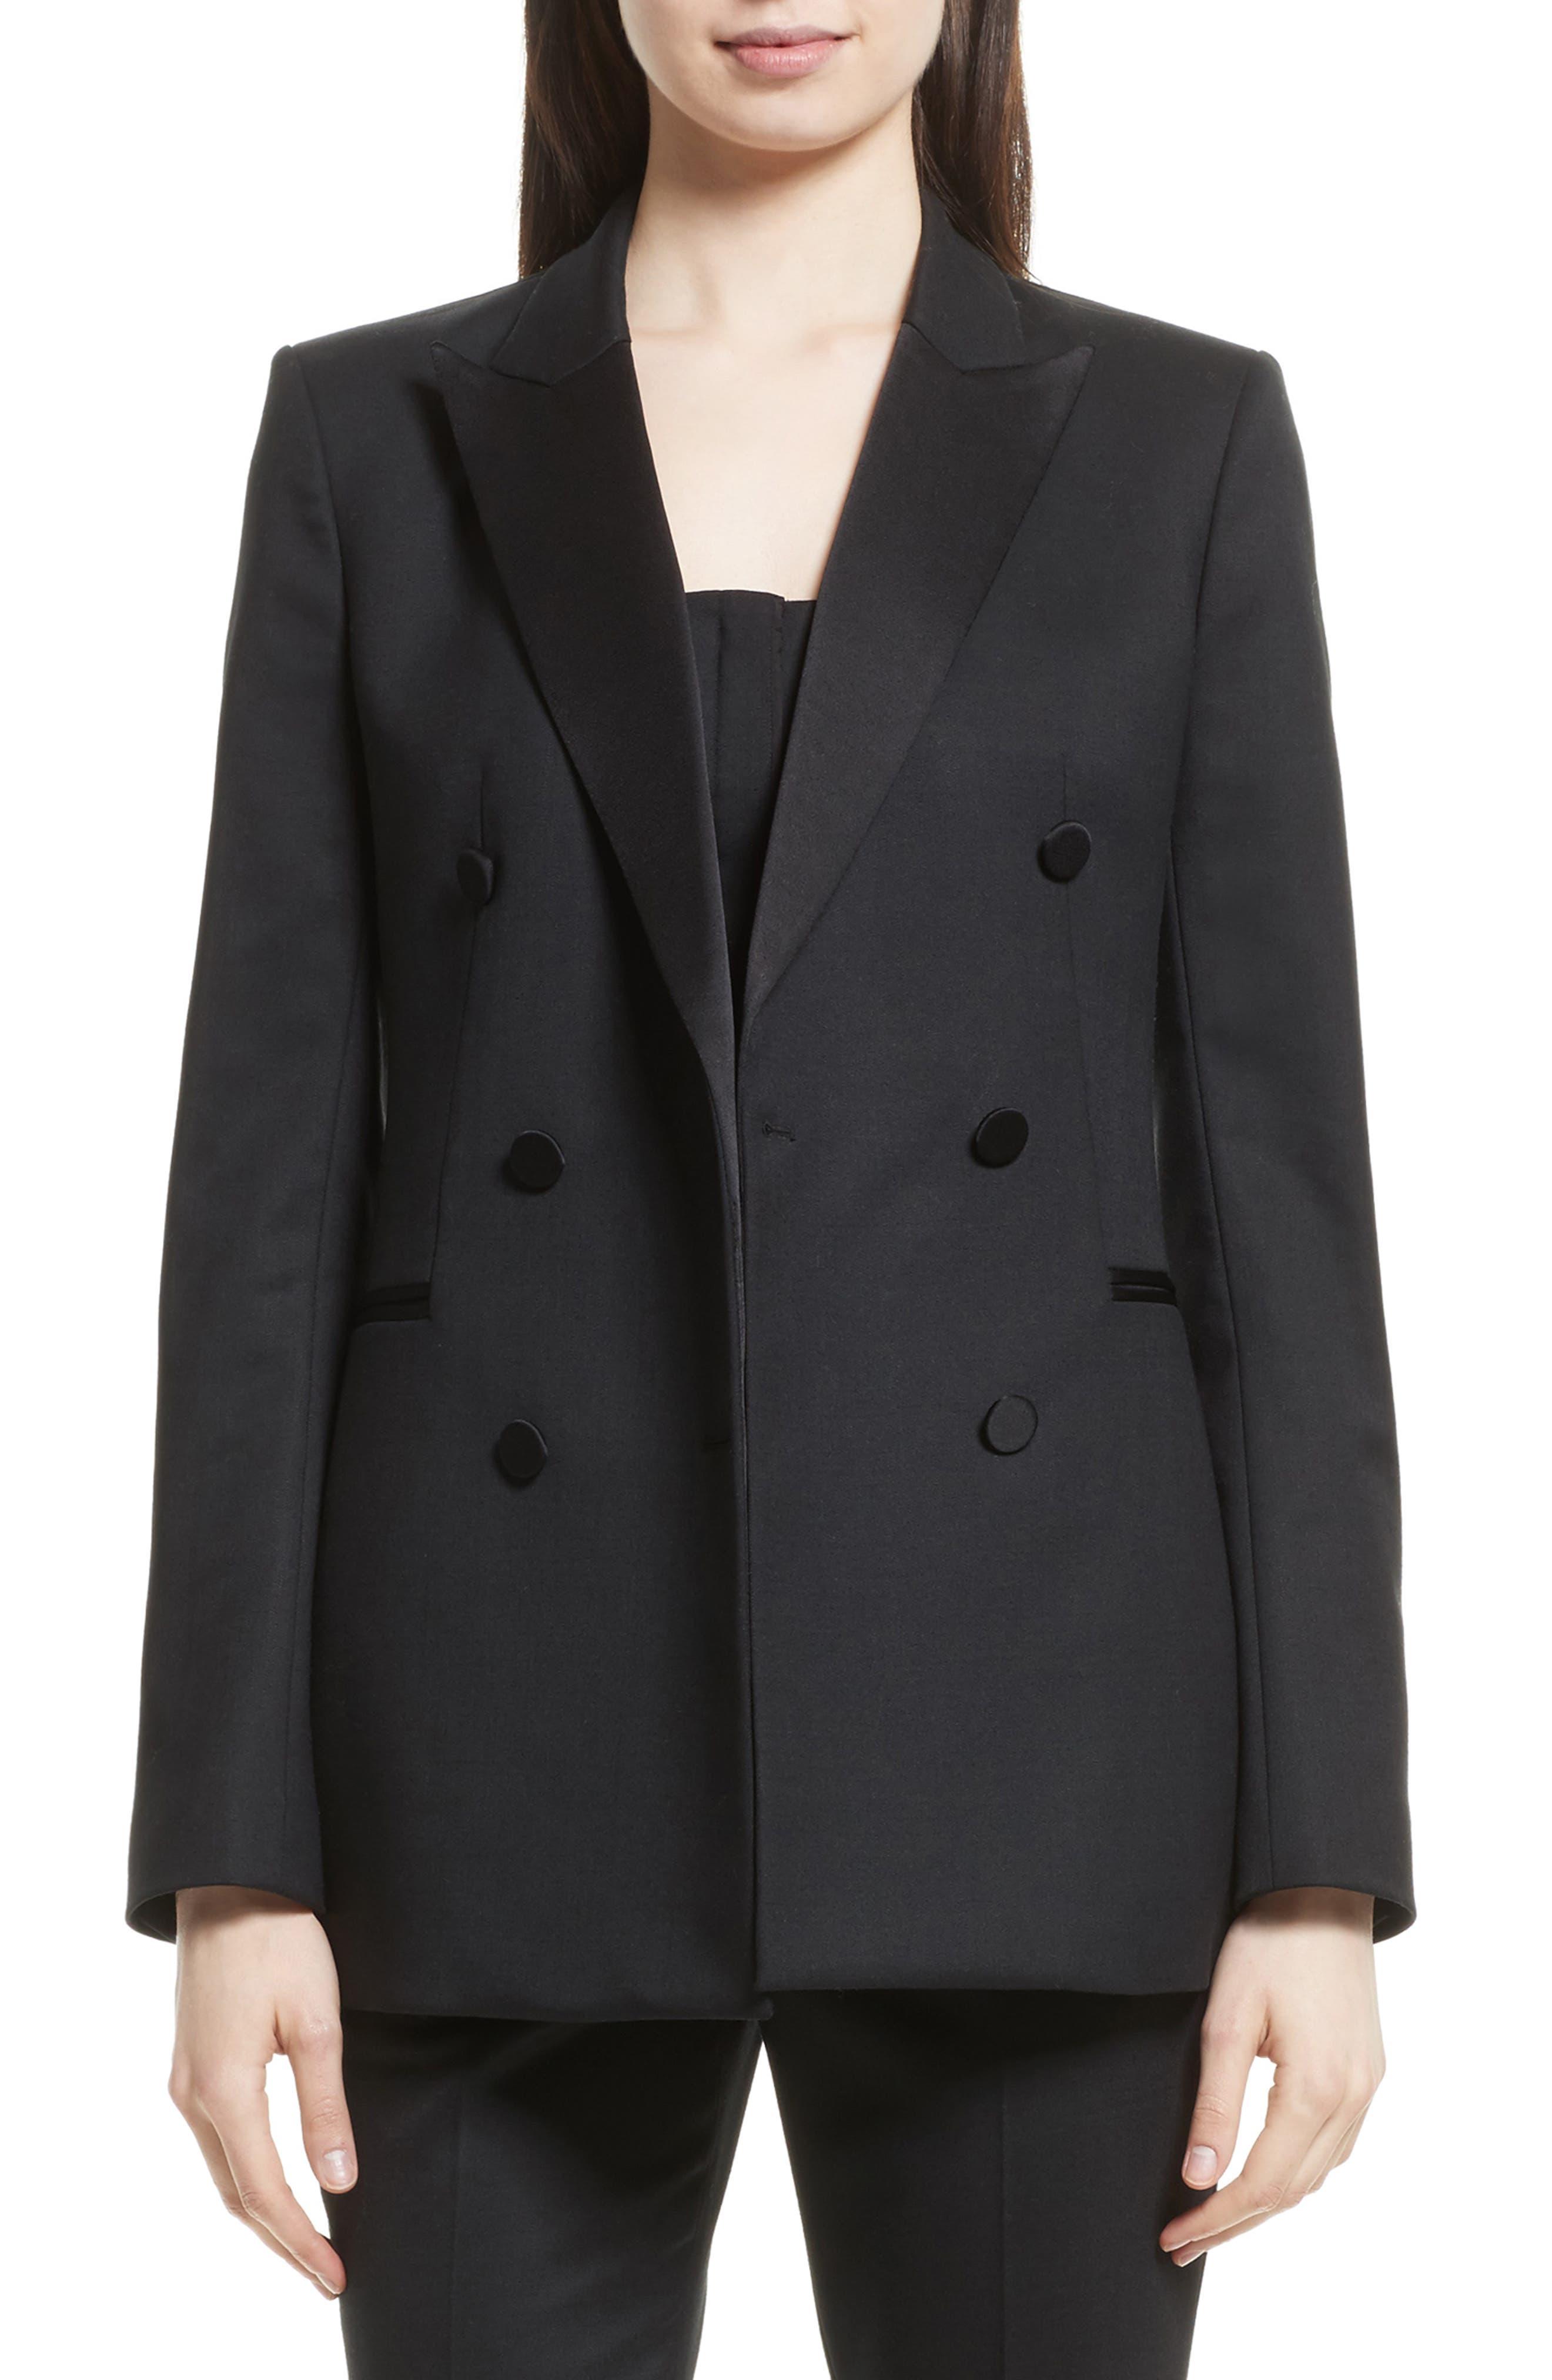 Main Image - Theory Wool Blend Tuxedo Jacket